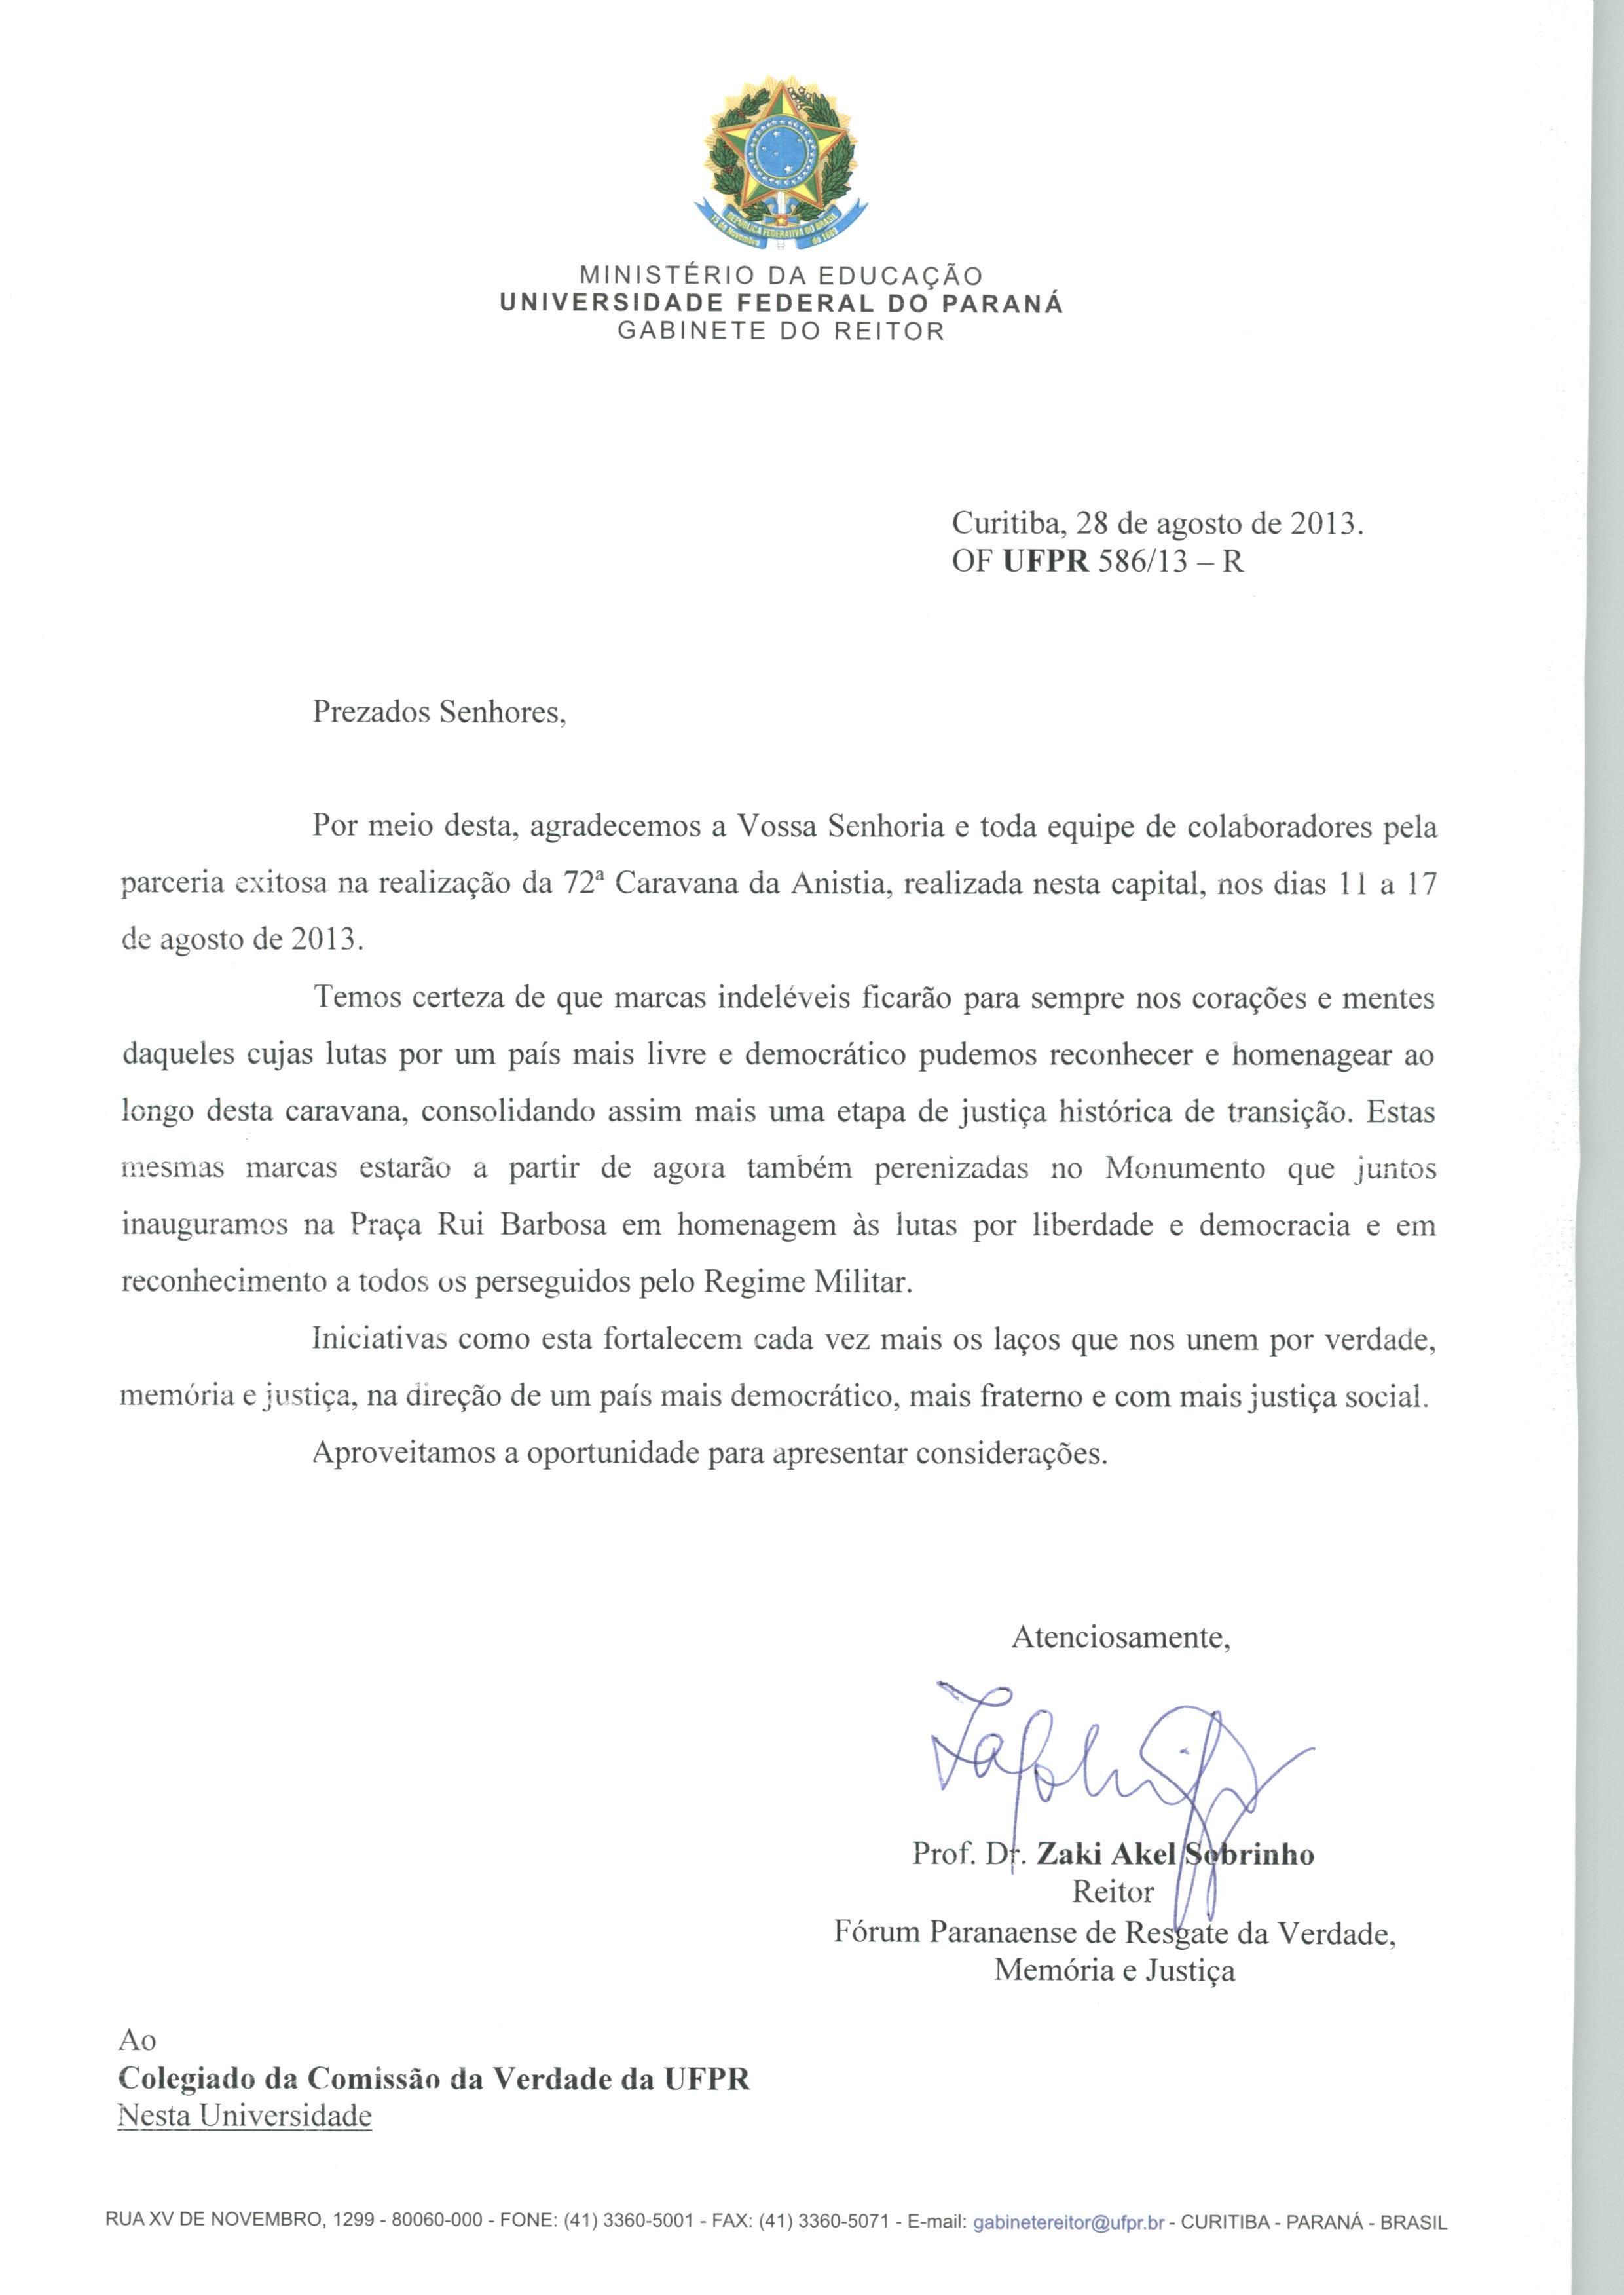 Fórum paranaense de Resgate da Verdade Memória e Justiça agradece à CV-UFPR pela parceria na realização da 72ª Caravana da Anistia em Curitiba-PR.